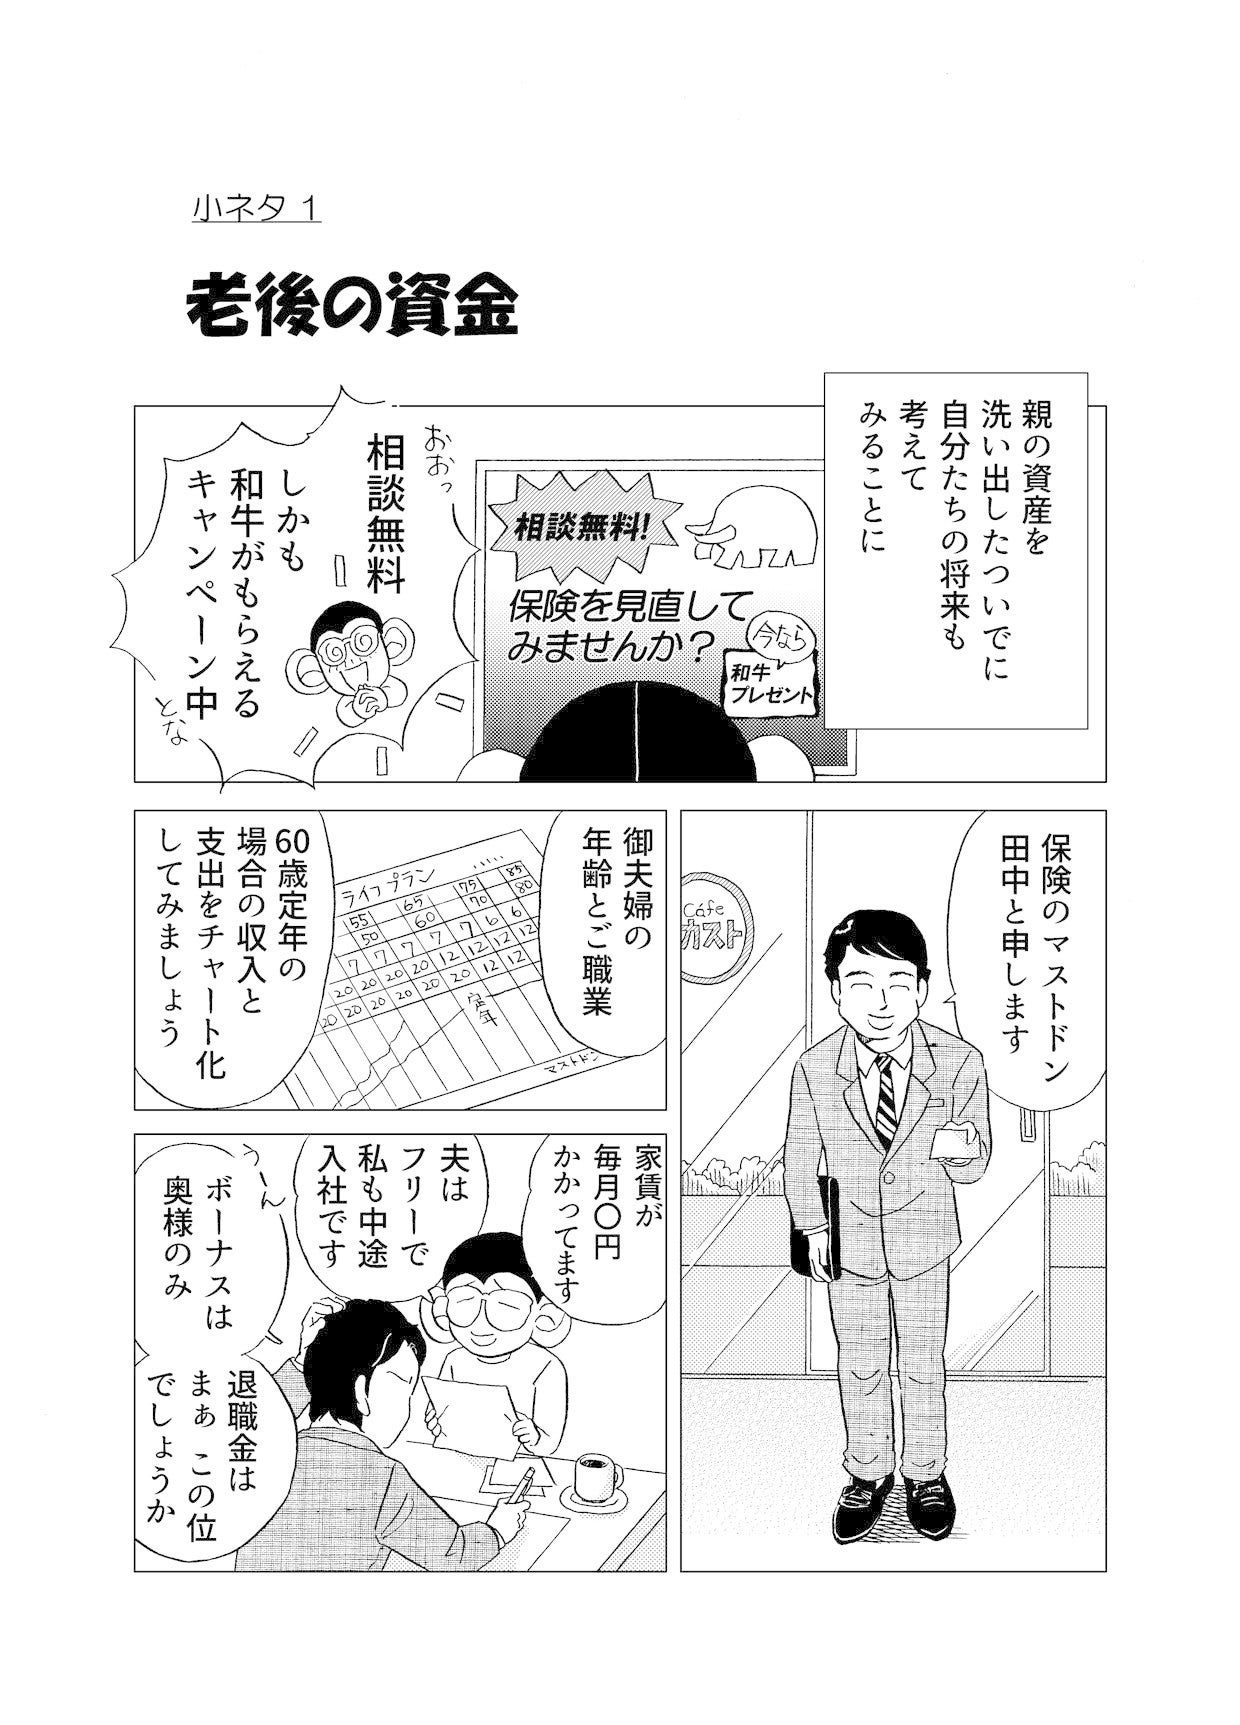 エピソード保険_001